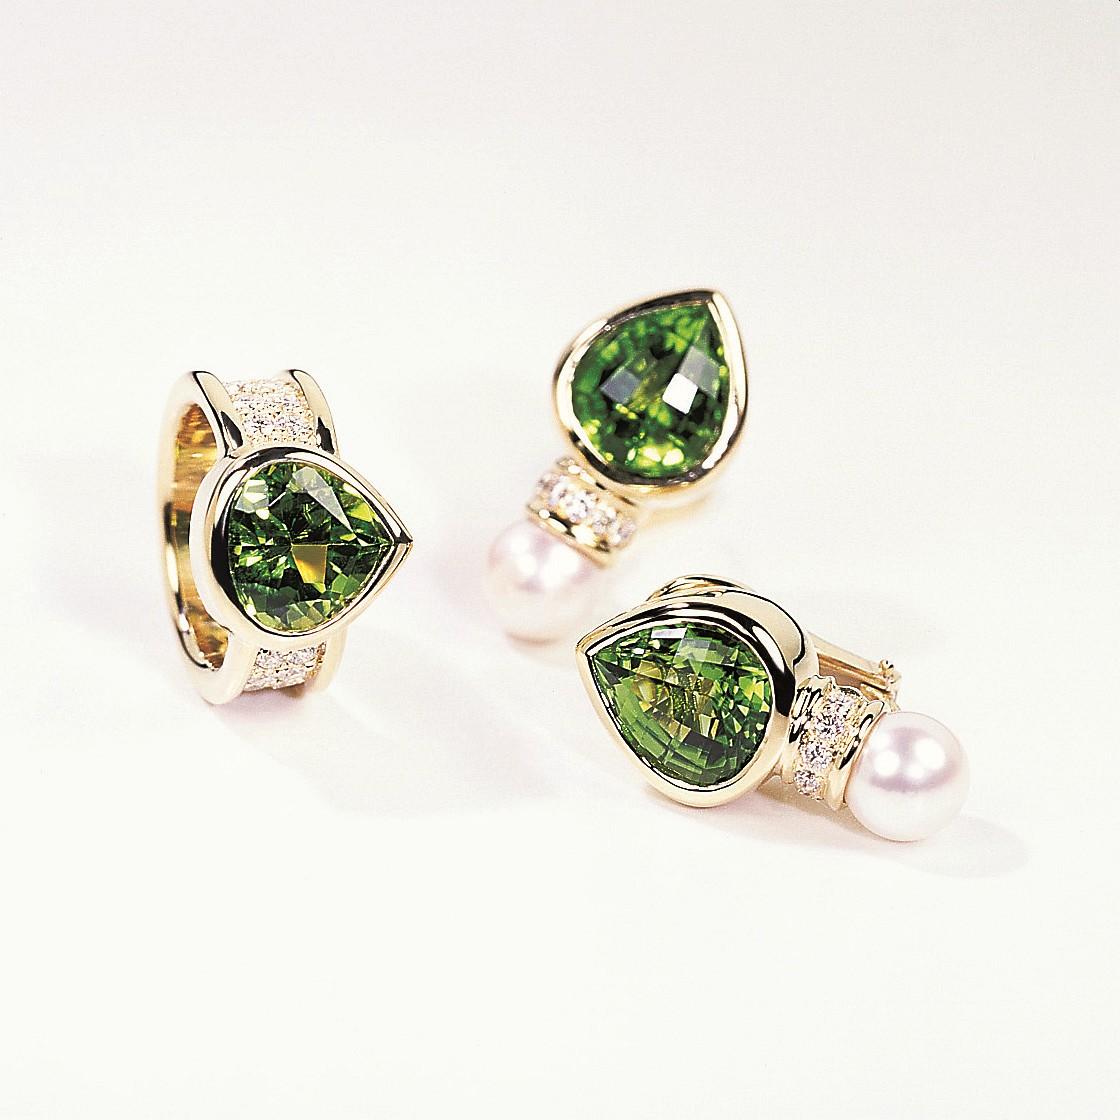 PERIDOT, PEARL & DIAMOND EARRINGS & RING